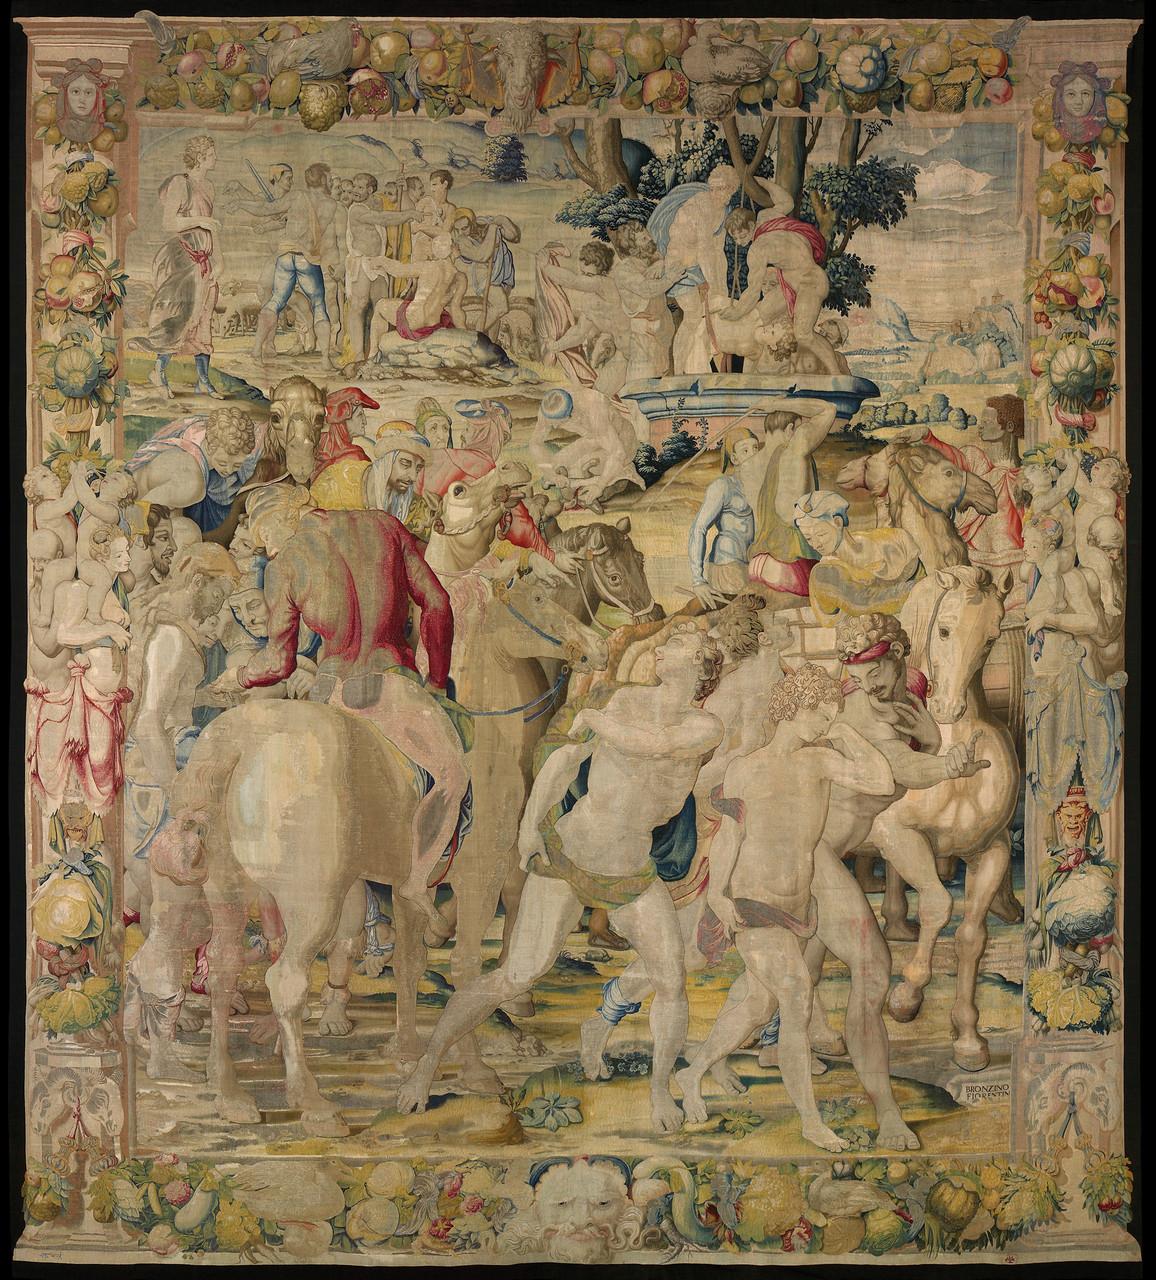 Vendita di Giuseppe, 1549 disegno e cartone di Agnolo Bronzino atelier di Jan Rost Roma, Presidenza della Repubblica